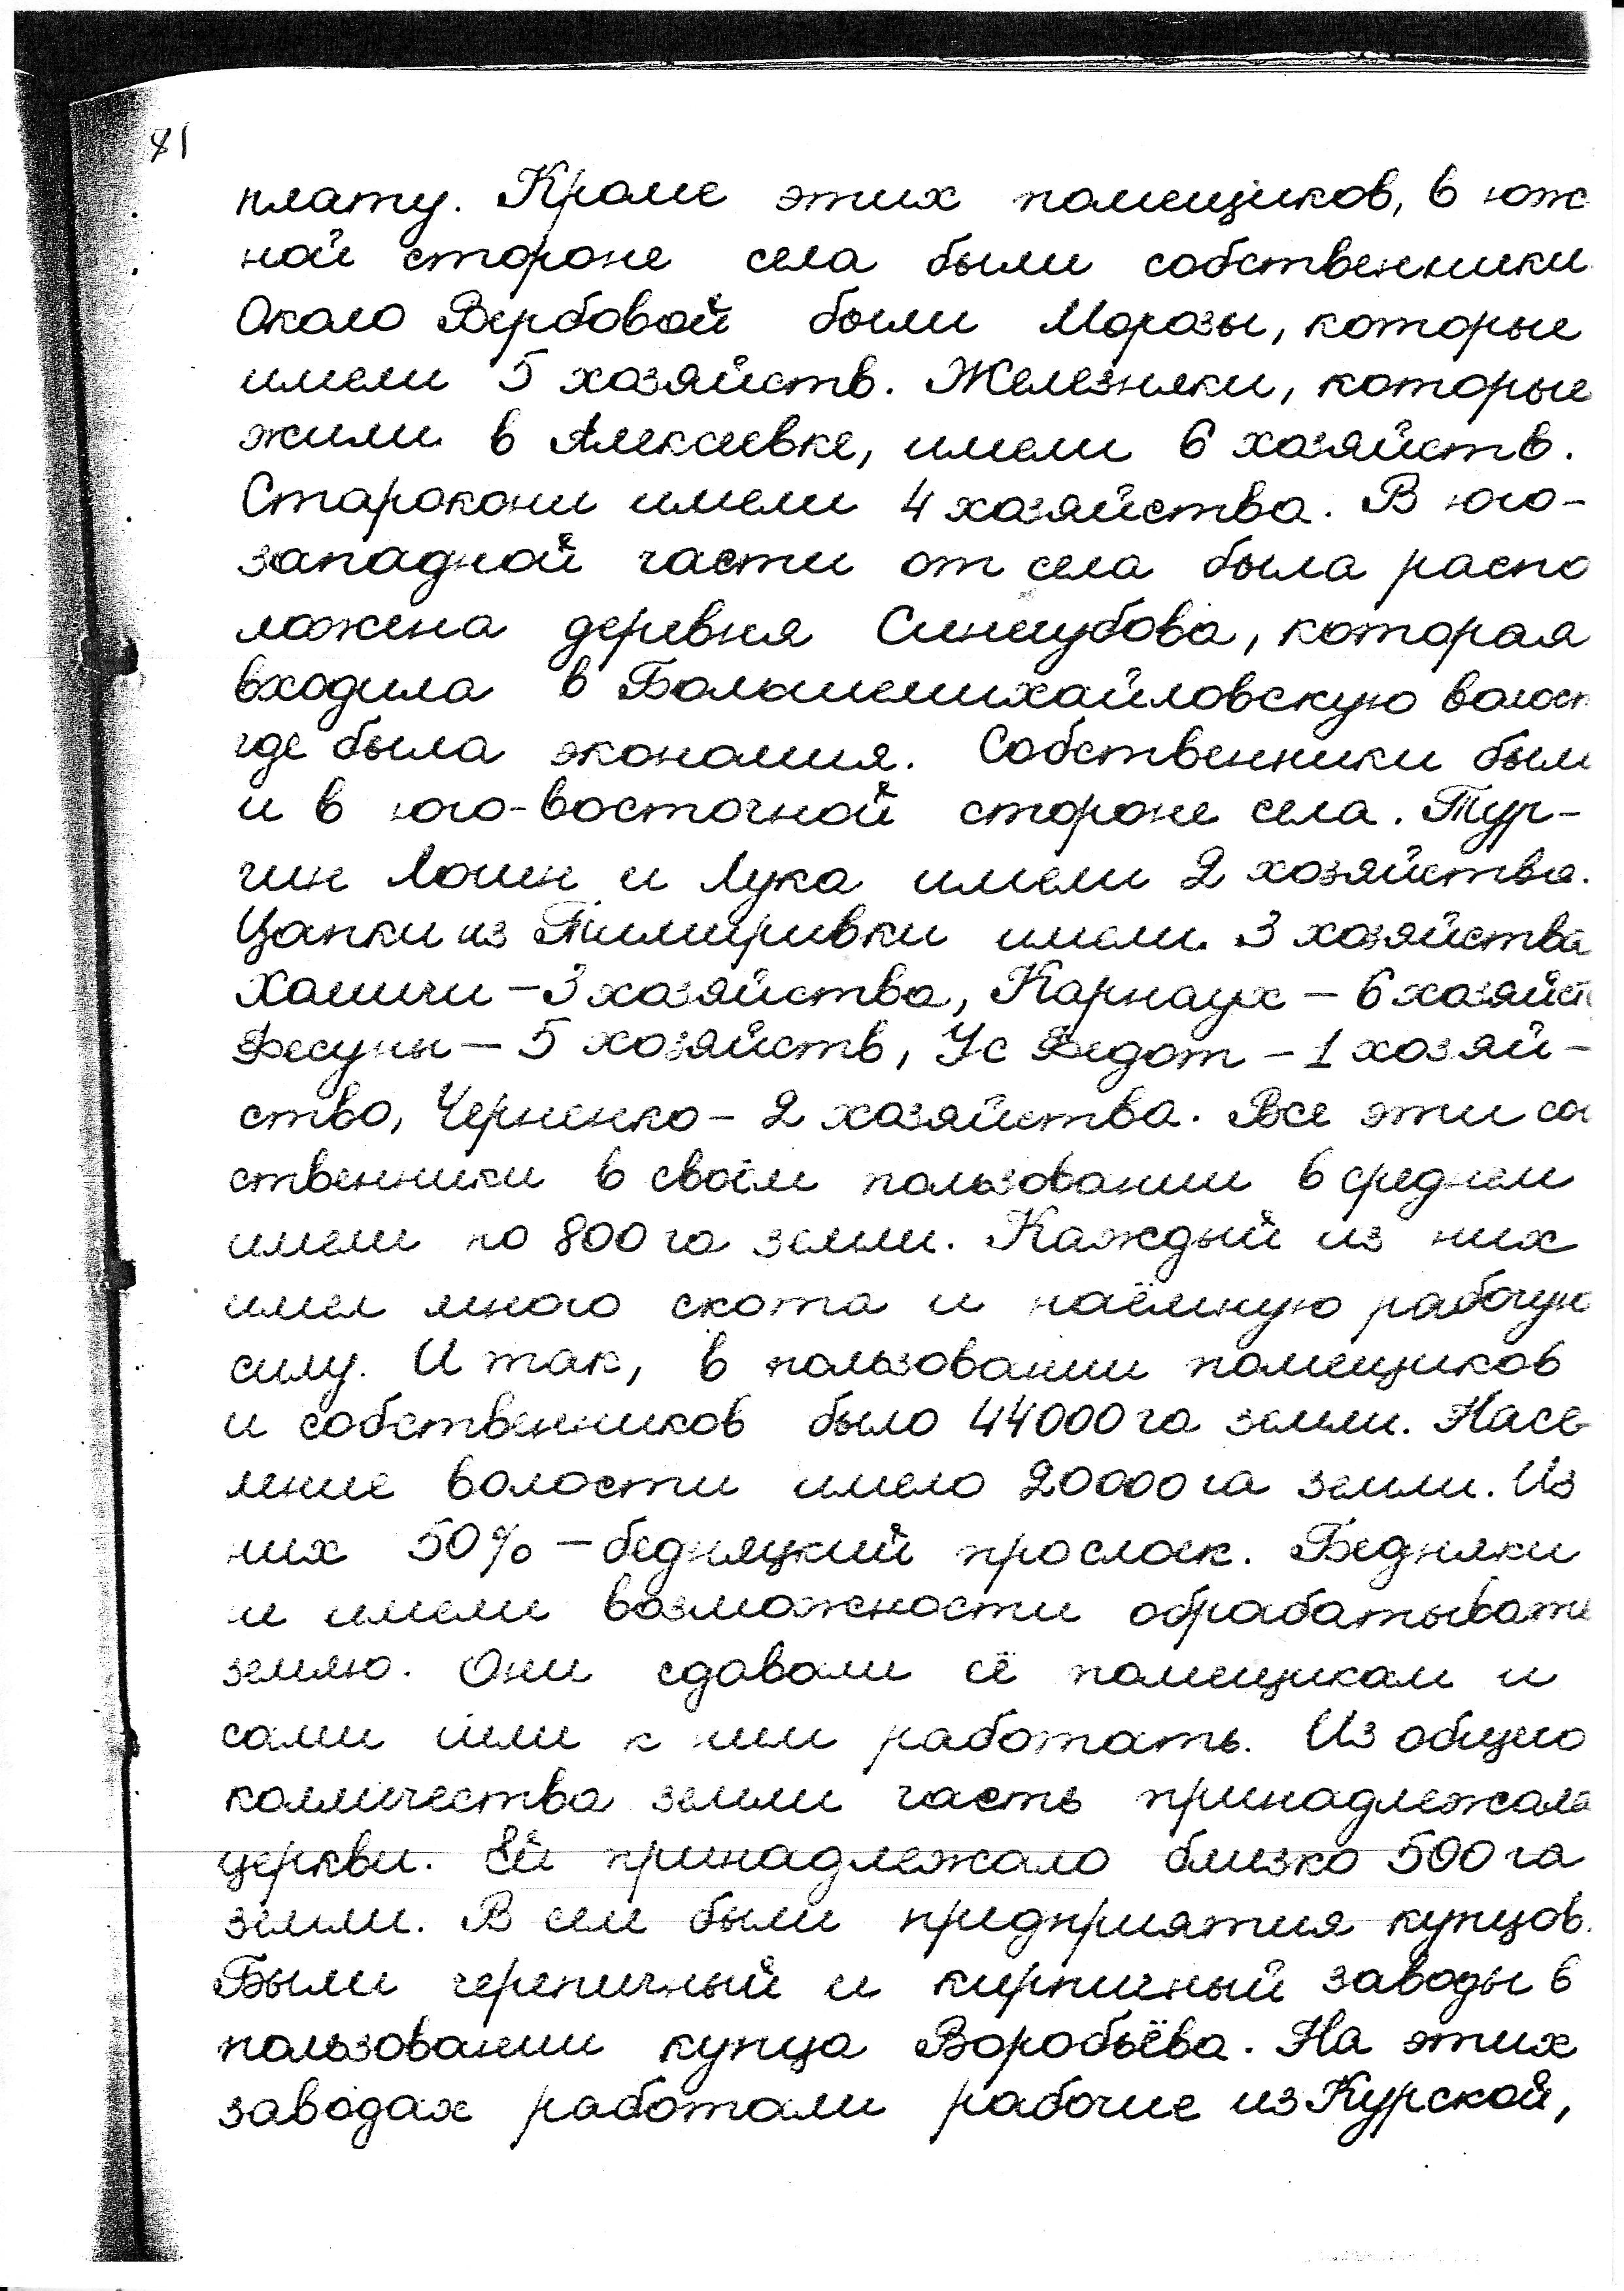 http://images.vfl.ru/ii/1600178090/a3c768a8/31639281.jpg